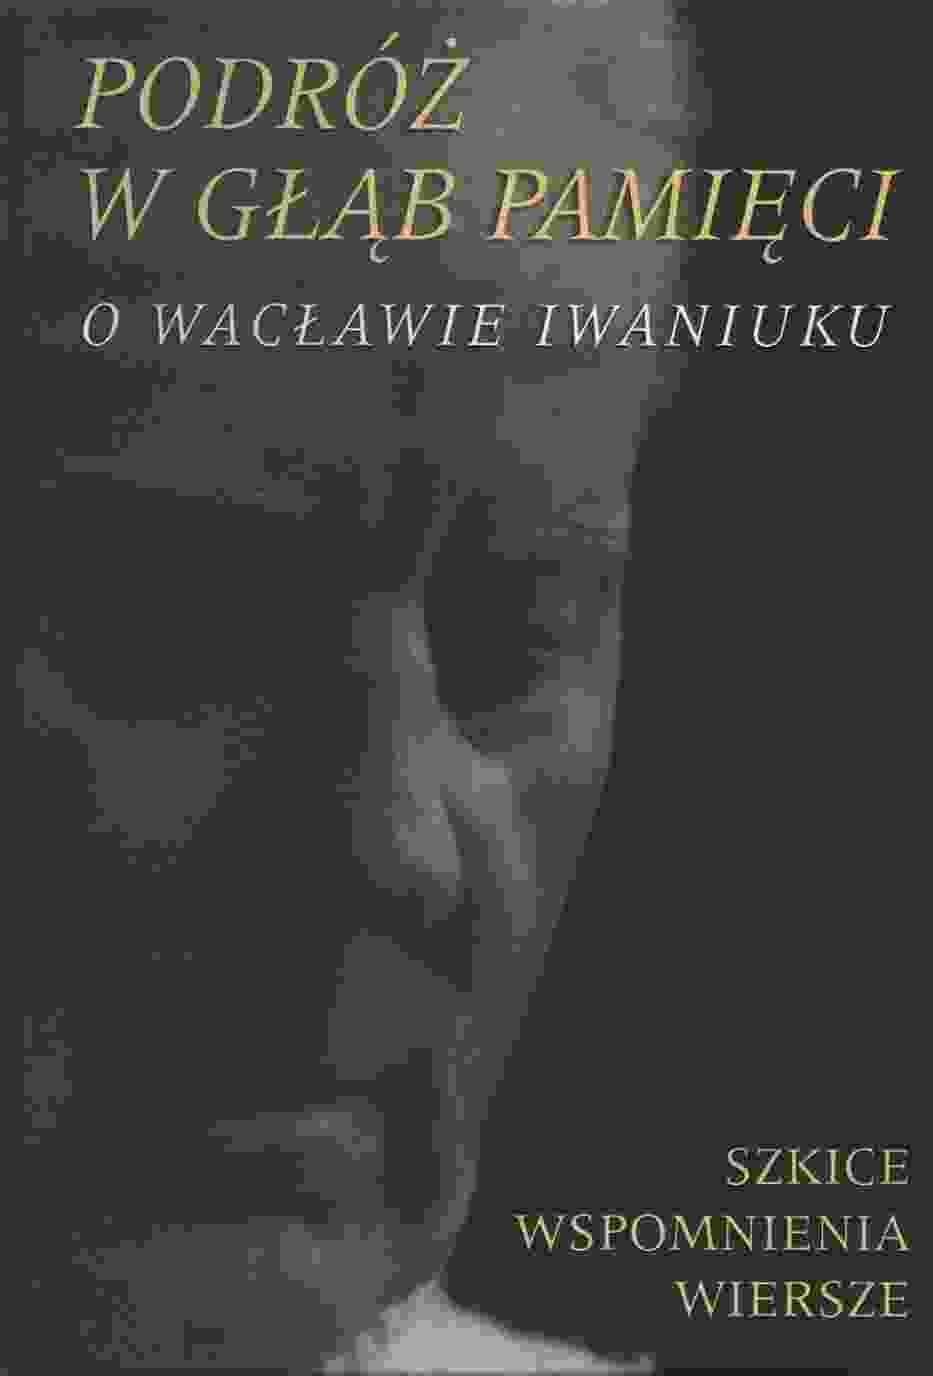 Okładka książki o Wacławie Iwaniuku